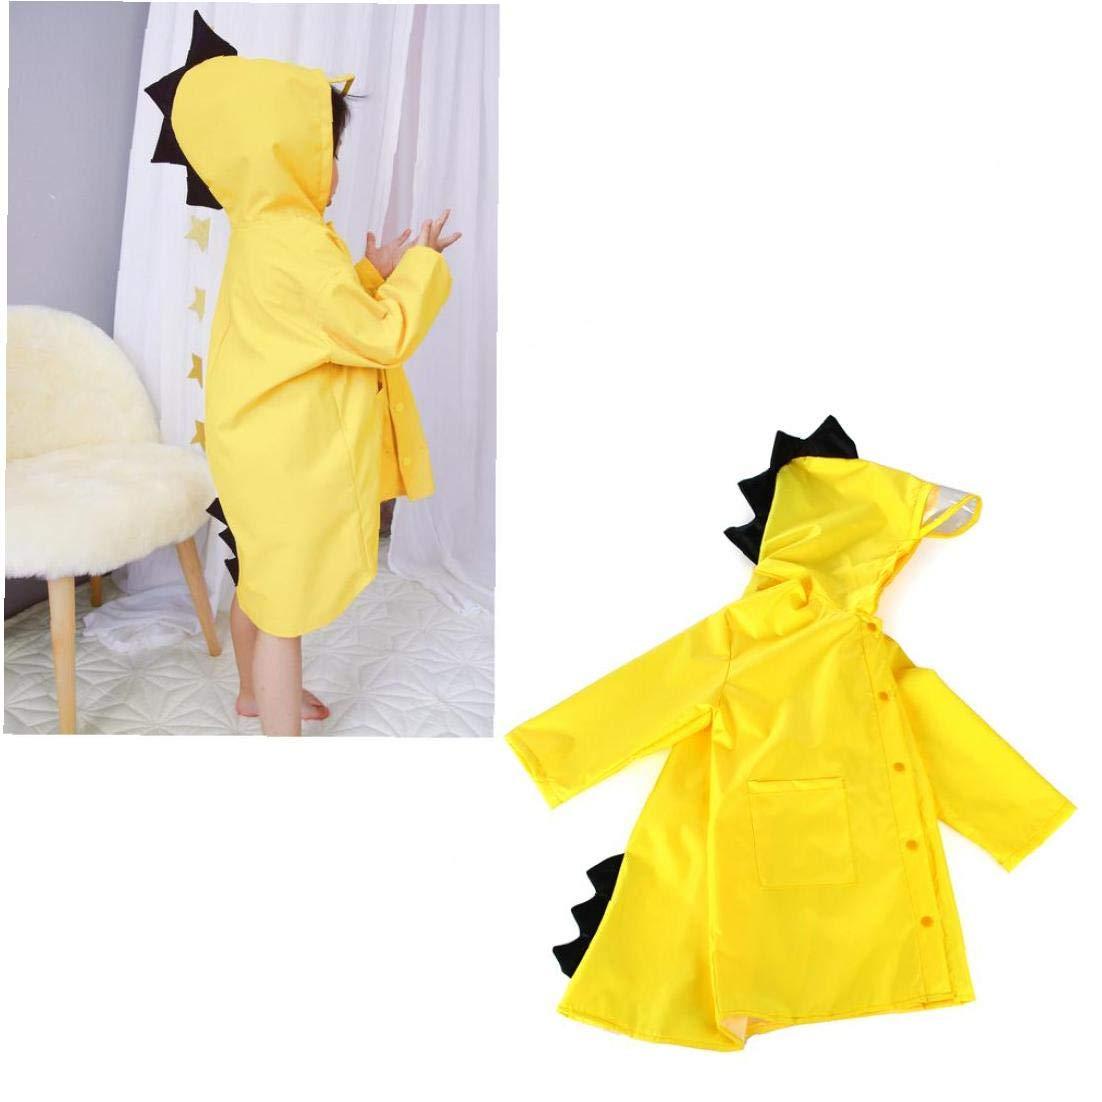 Bambini Raincoat Dinosaur Forma Leggera Indumenti Impermeabili del Fumetto dei Capretti con Cappuccio Slicker Rain Jacket per Il Ragazzo per La Ragazza Giallo XL